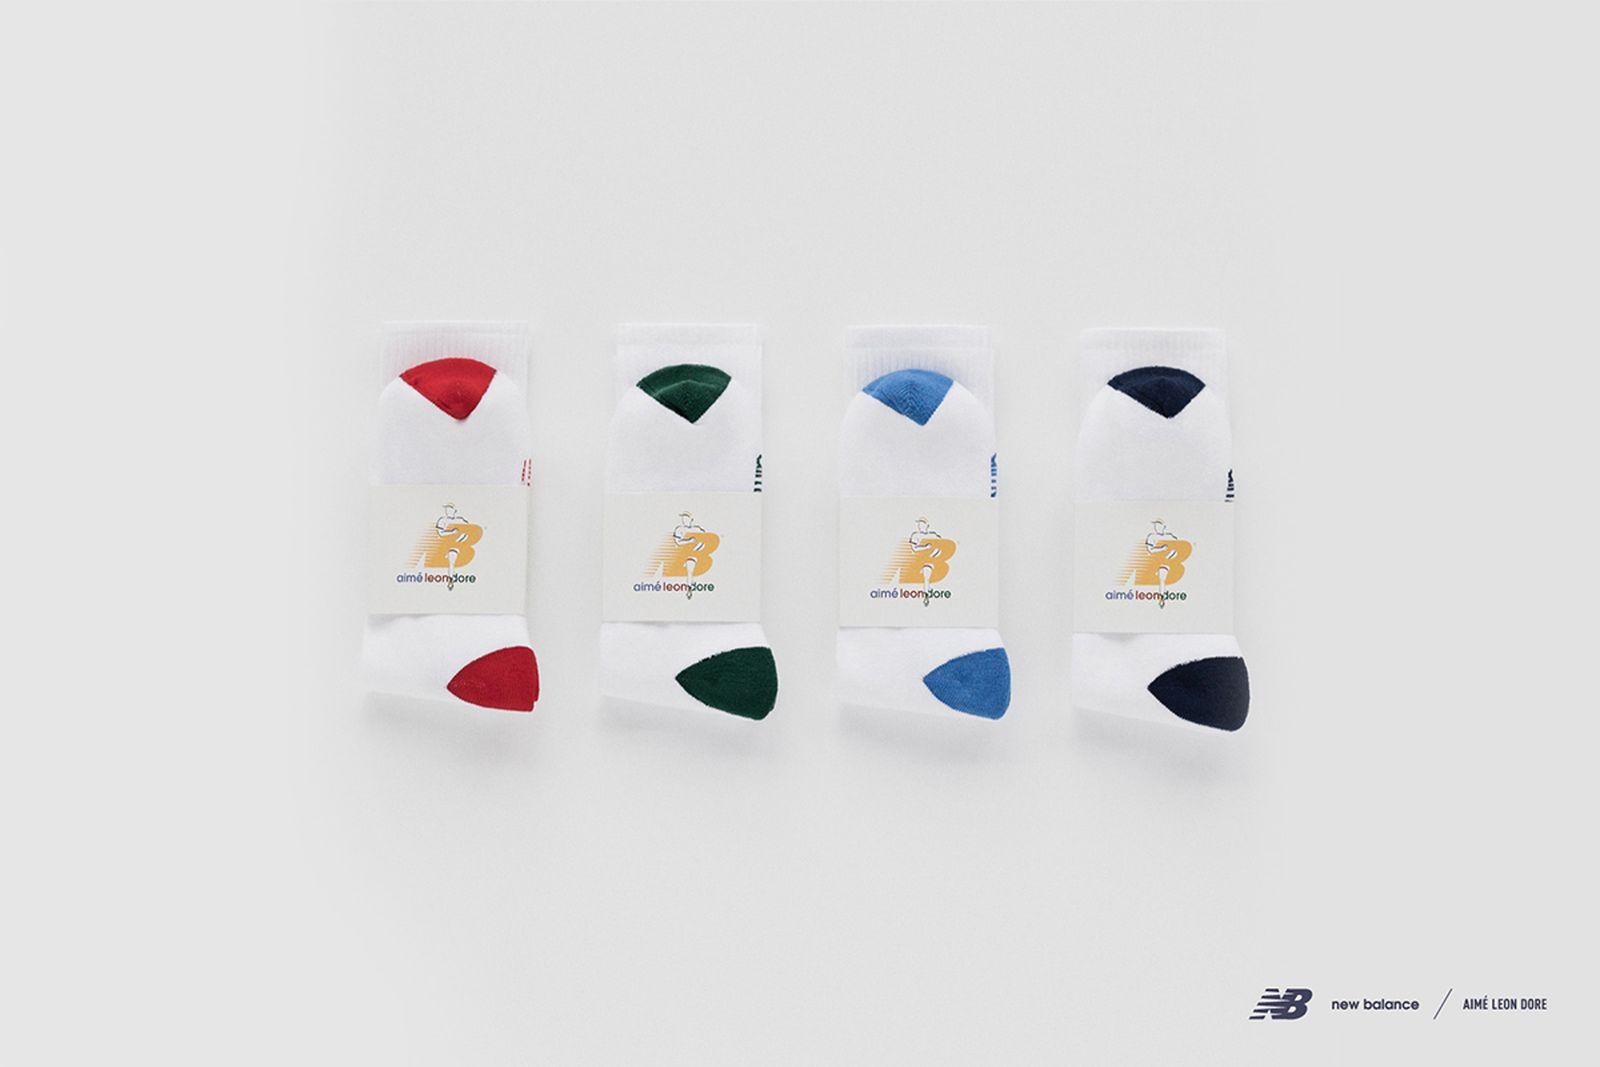 aime-leon-dore-new-balance-827-release-date-price-1-13